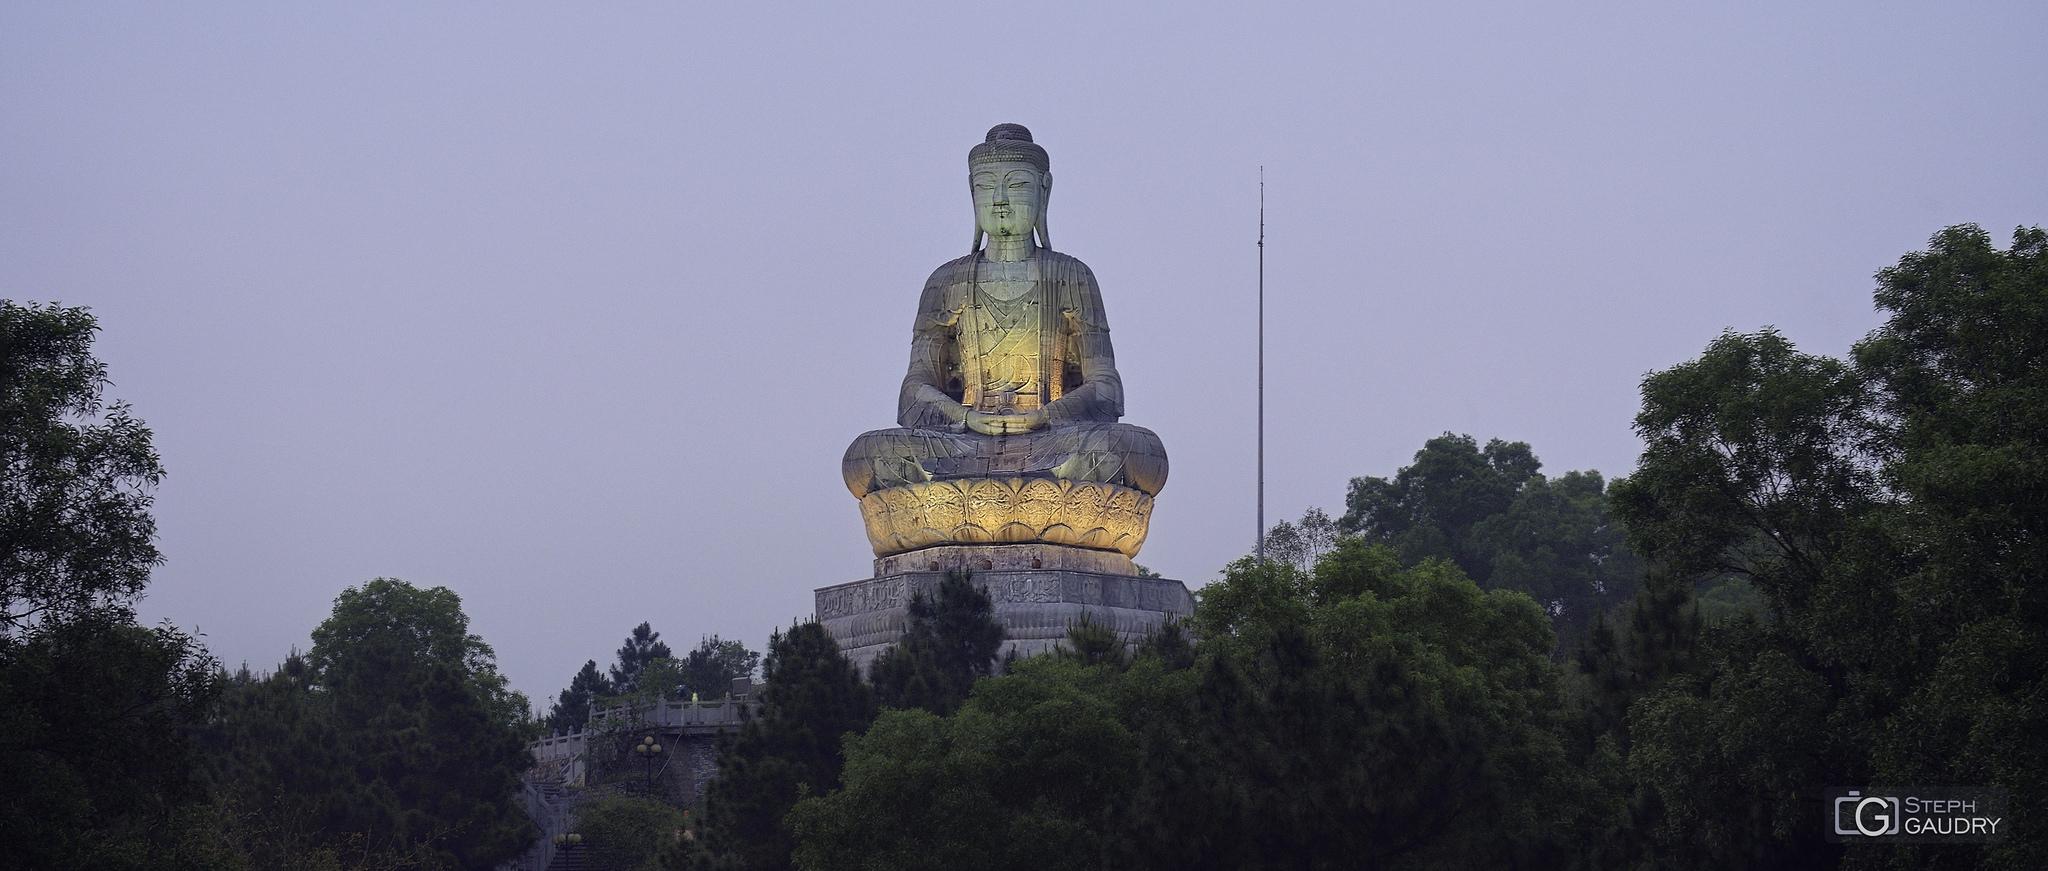 Phat Tich - Statue géante de Bouddha au sommet du mont Lan Kha [Klik om de diavoorstelling te starten]